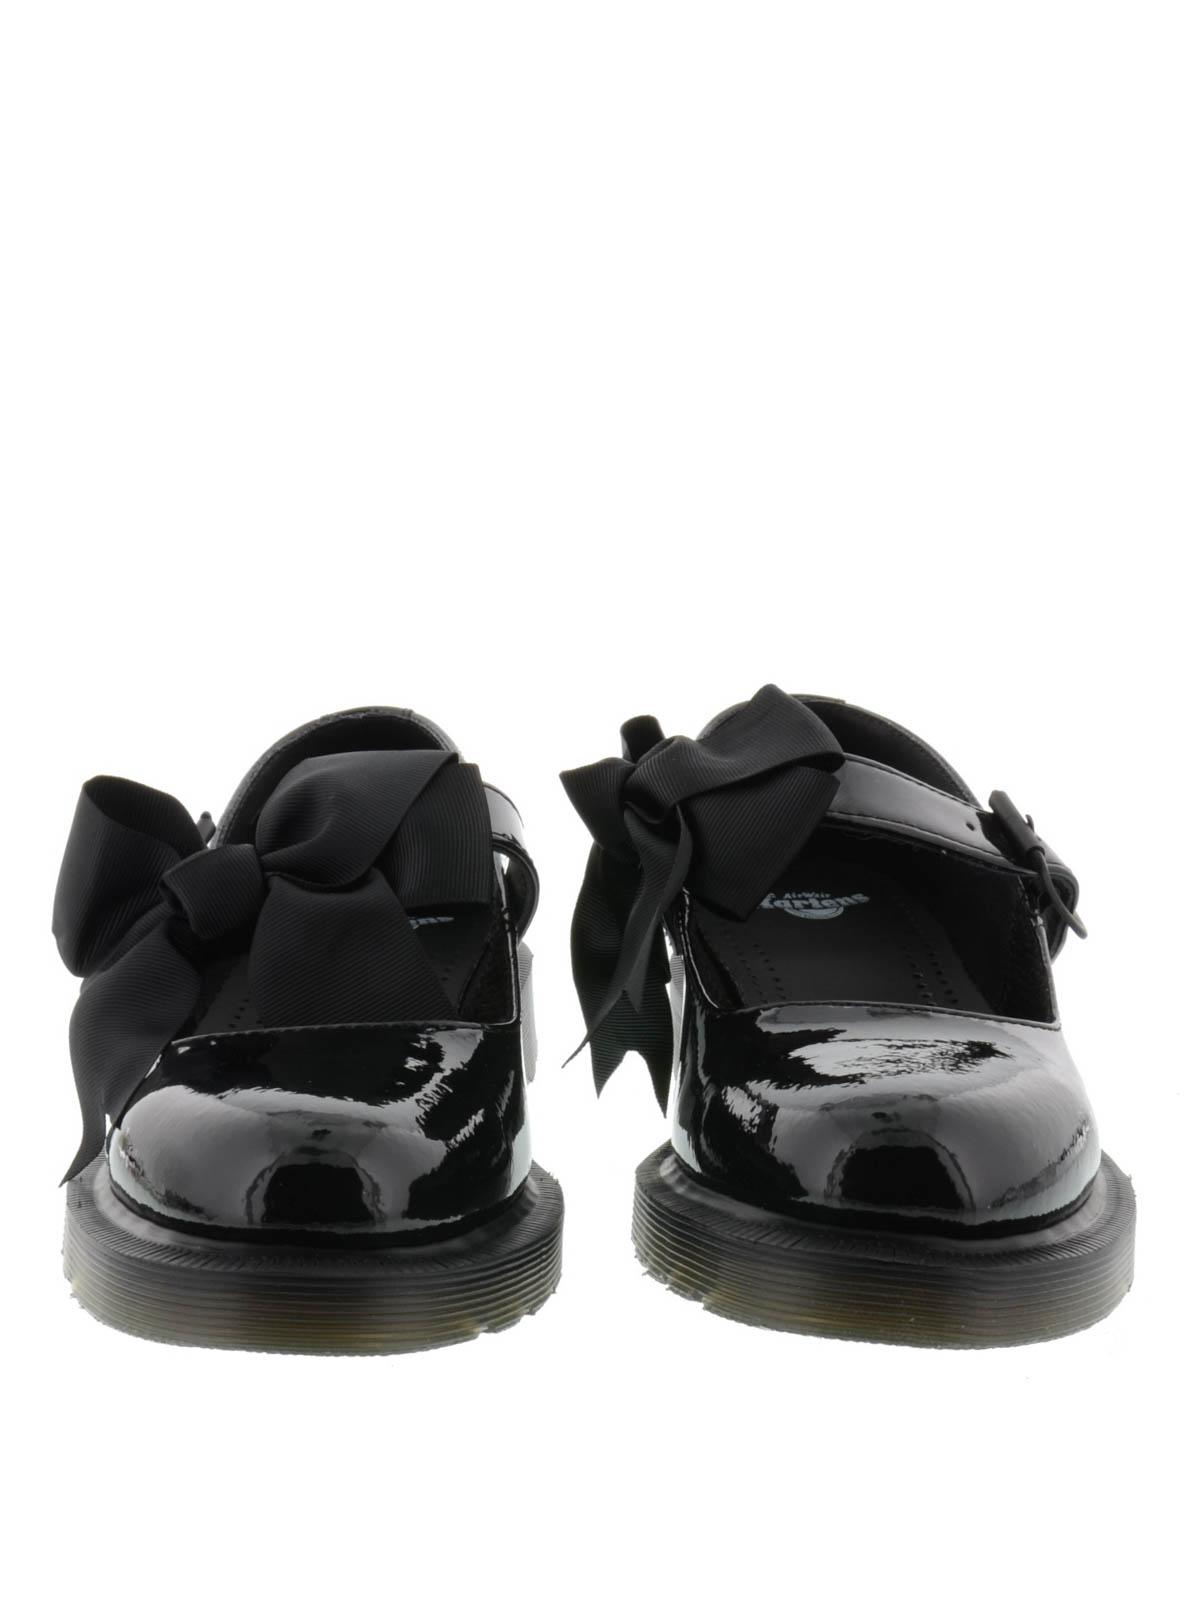 Dr. Martens - Mariel shoes - flat shoes